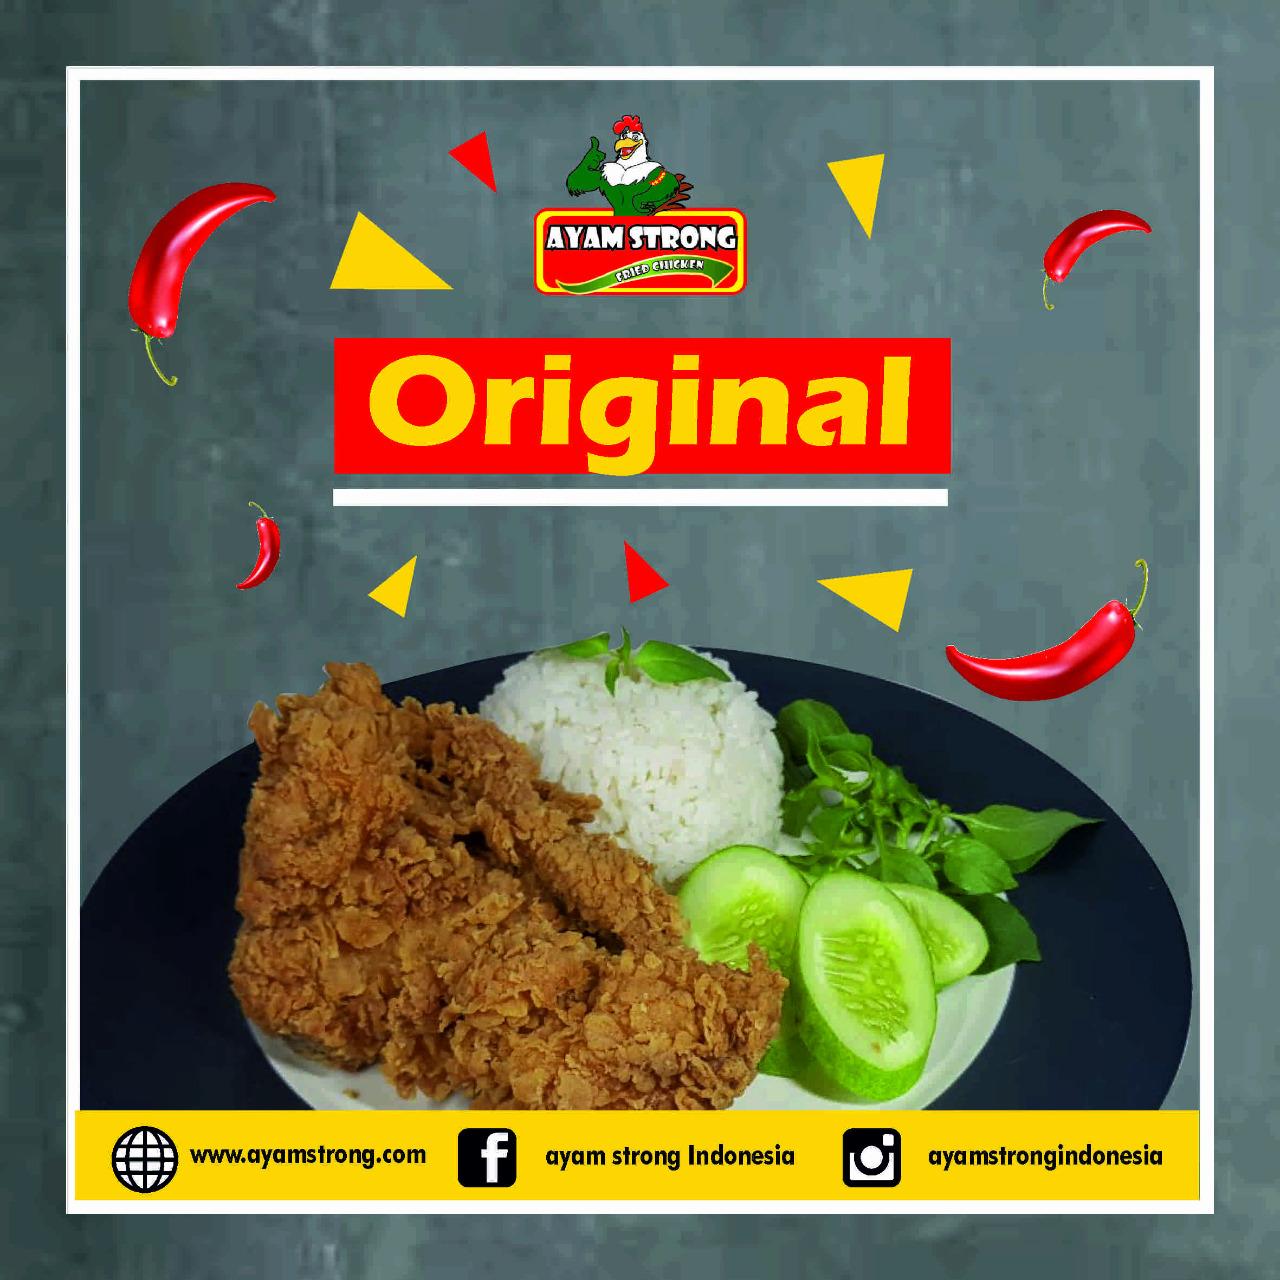 Ayam-strong-original